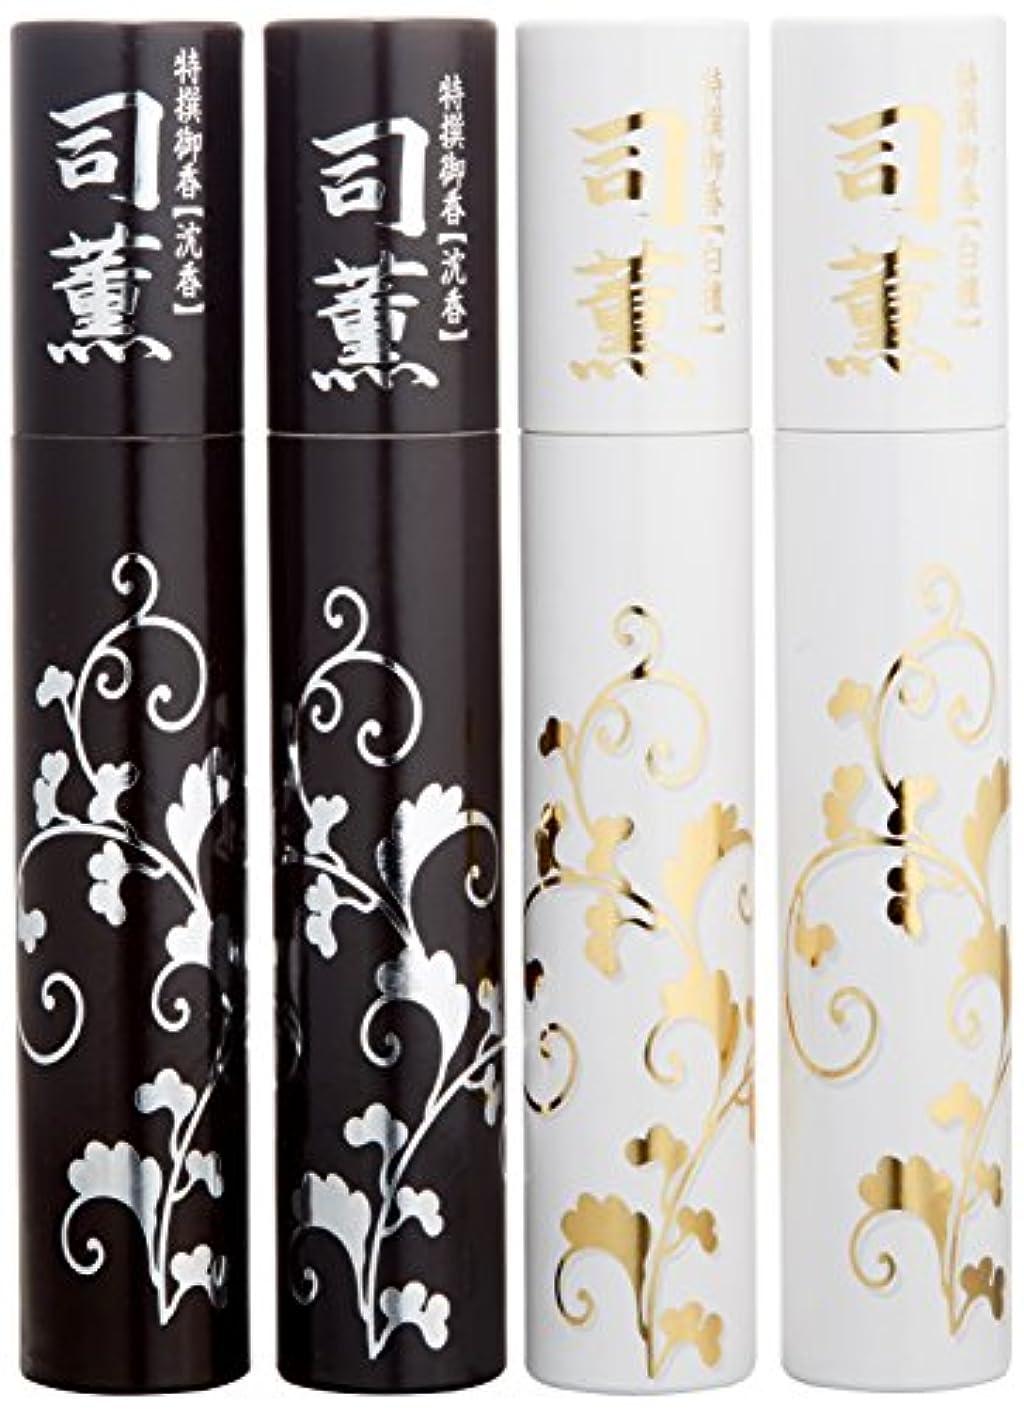 ばかげたアイザック非公式日本香堂 司薫 二種香(白檀?沈香) 桐箱 4筒入